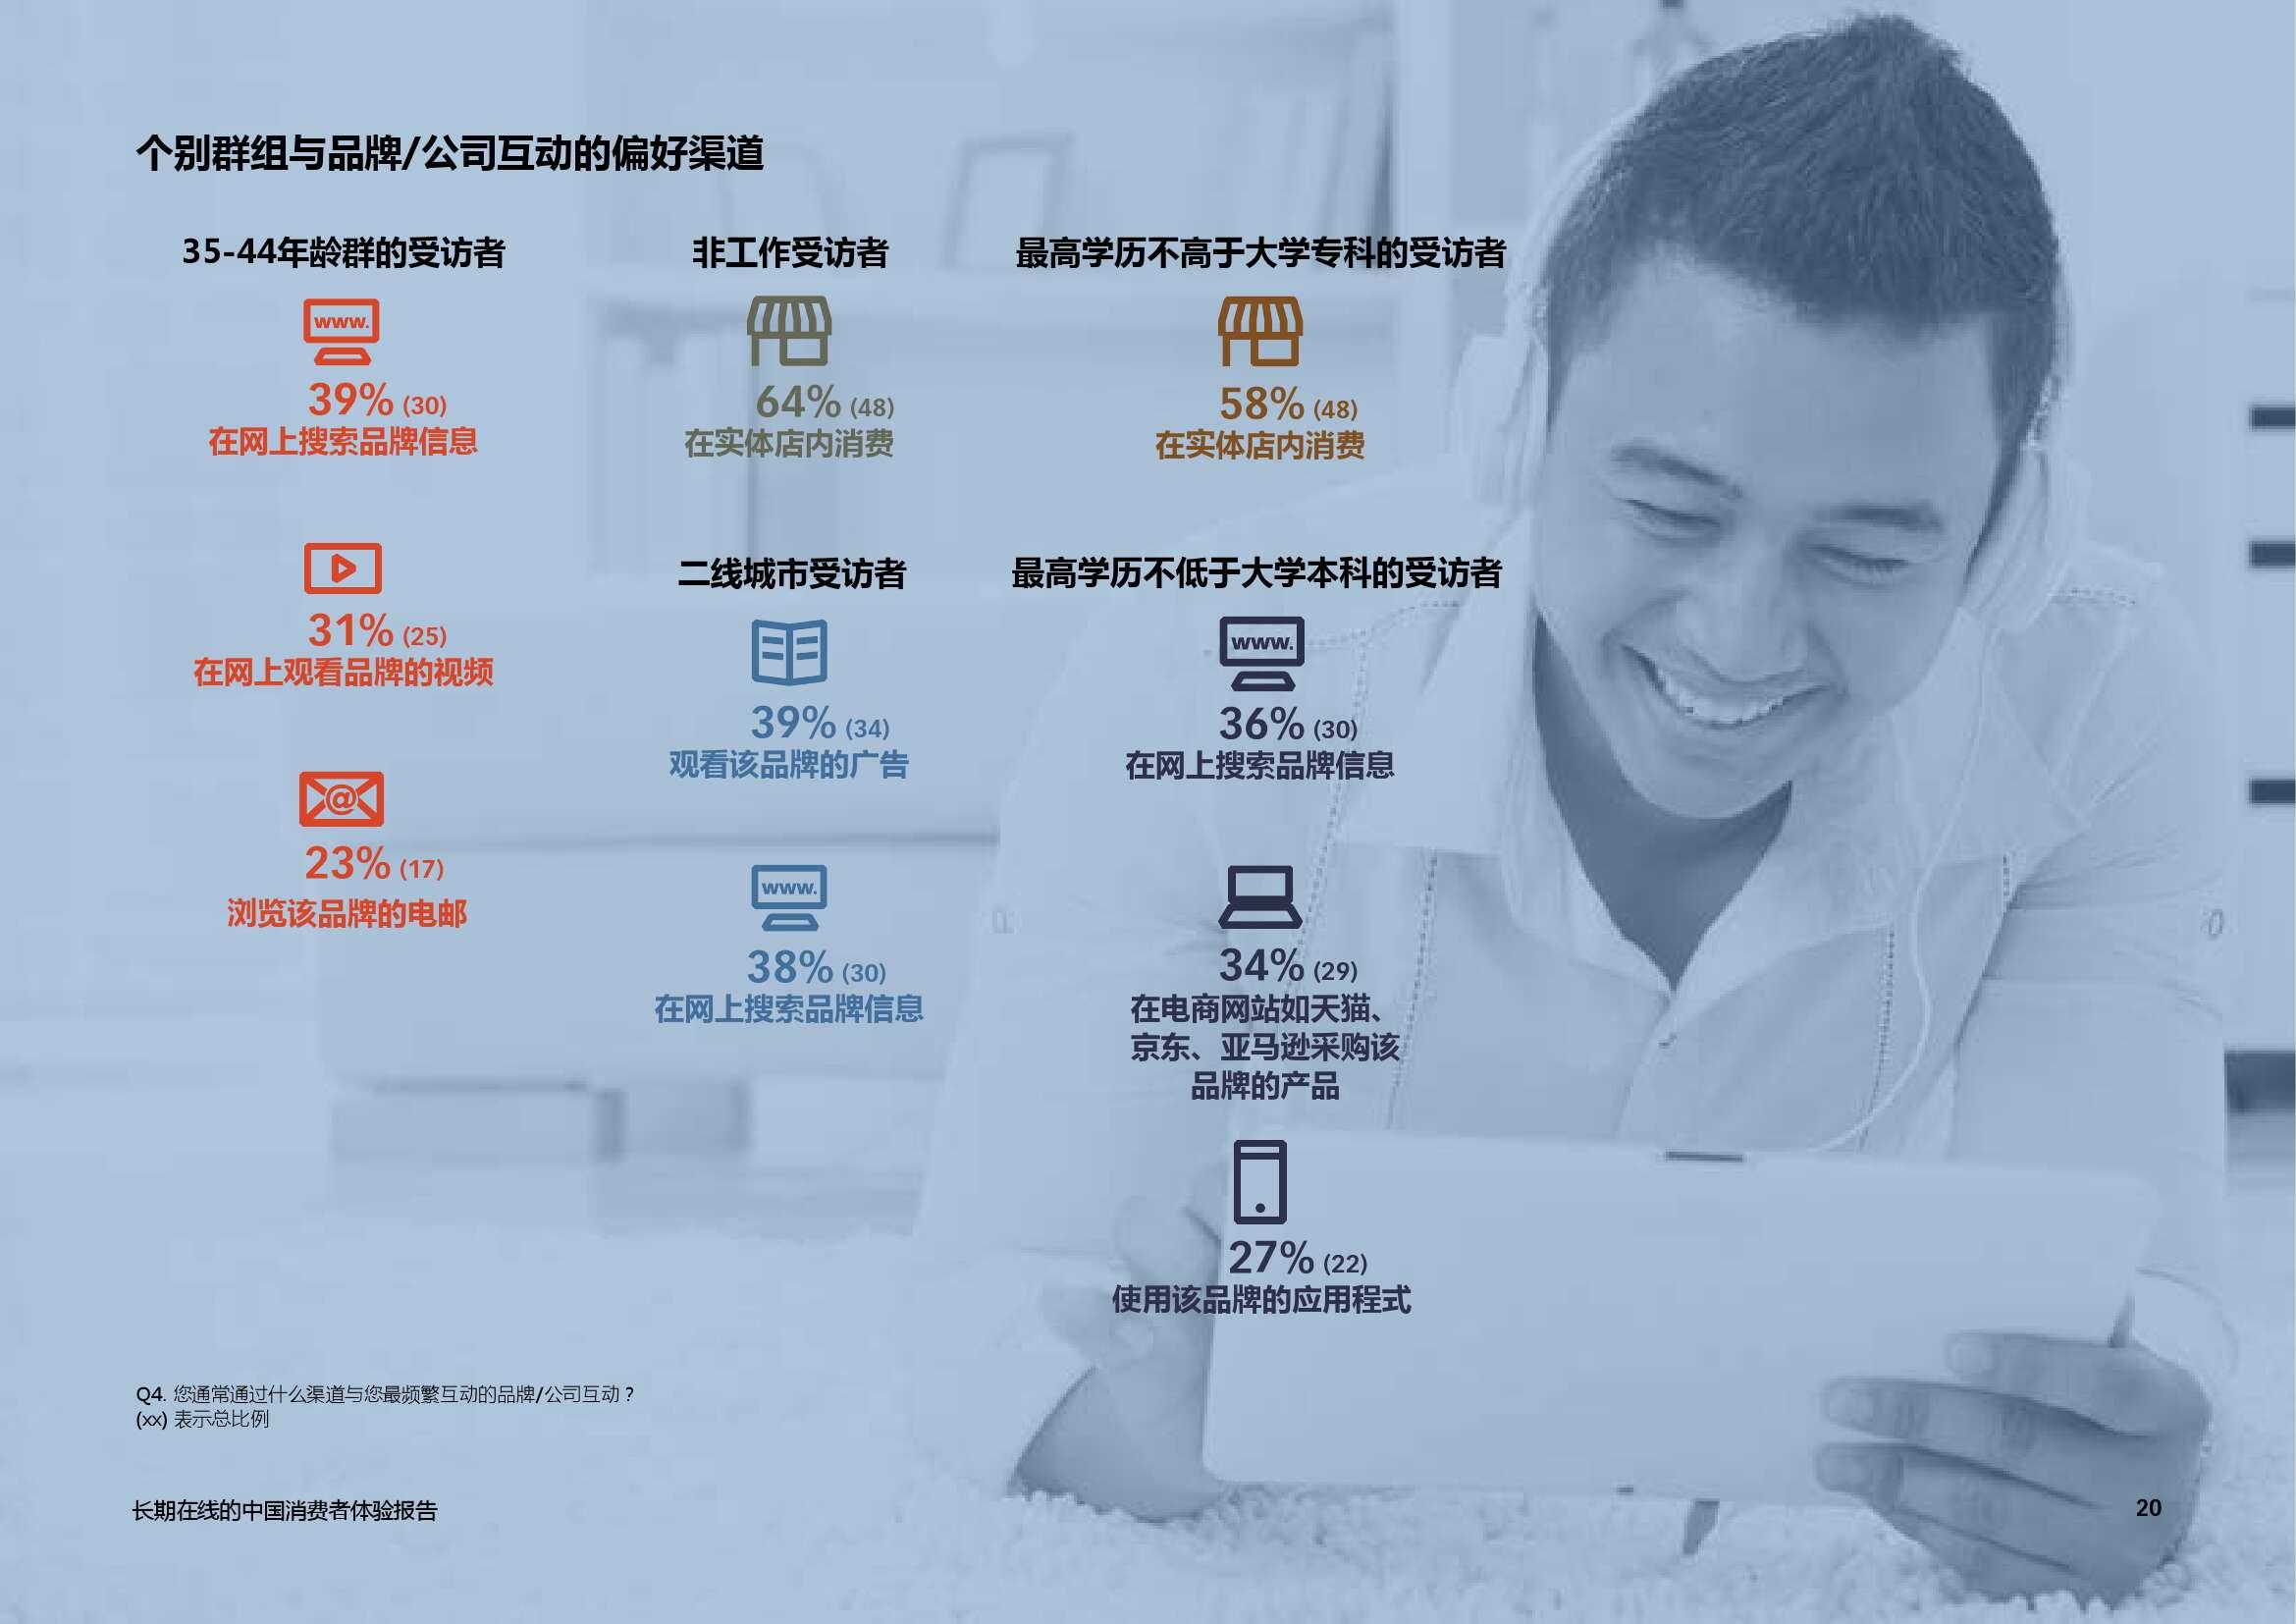 艾司隆 (Epsilon):2015中国消费者品牌体验报告_000020